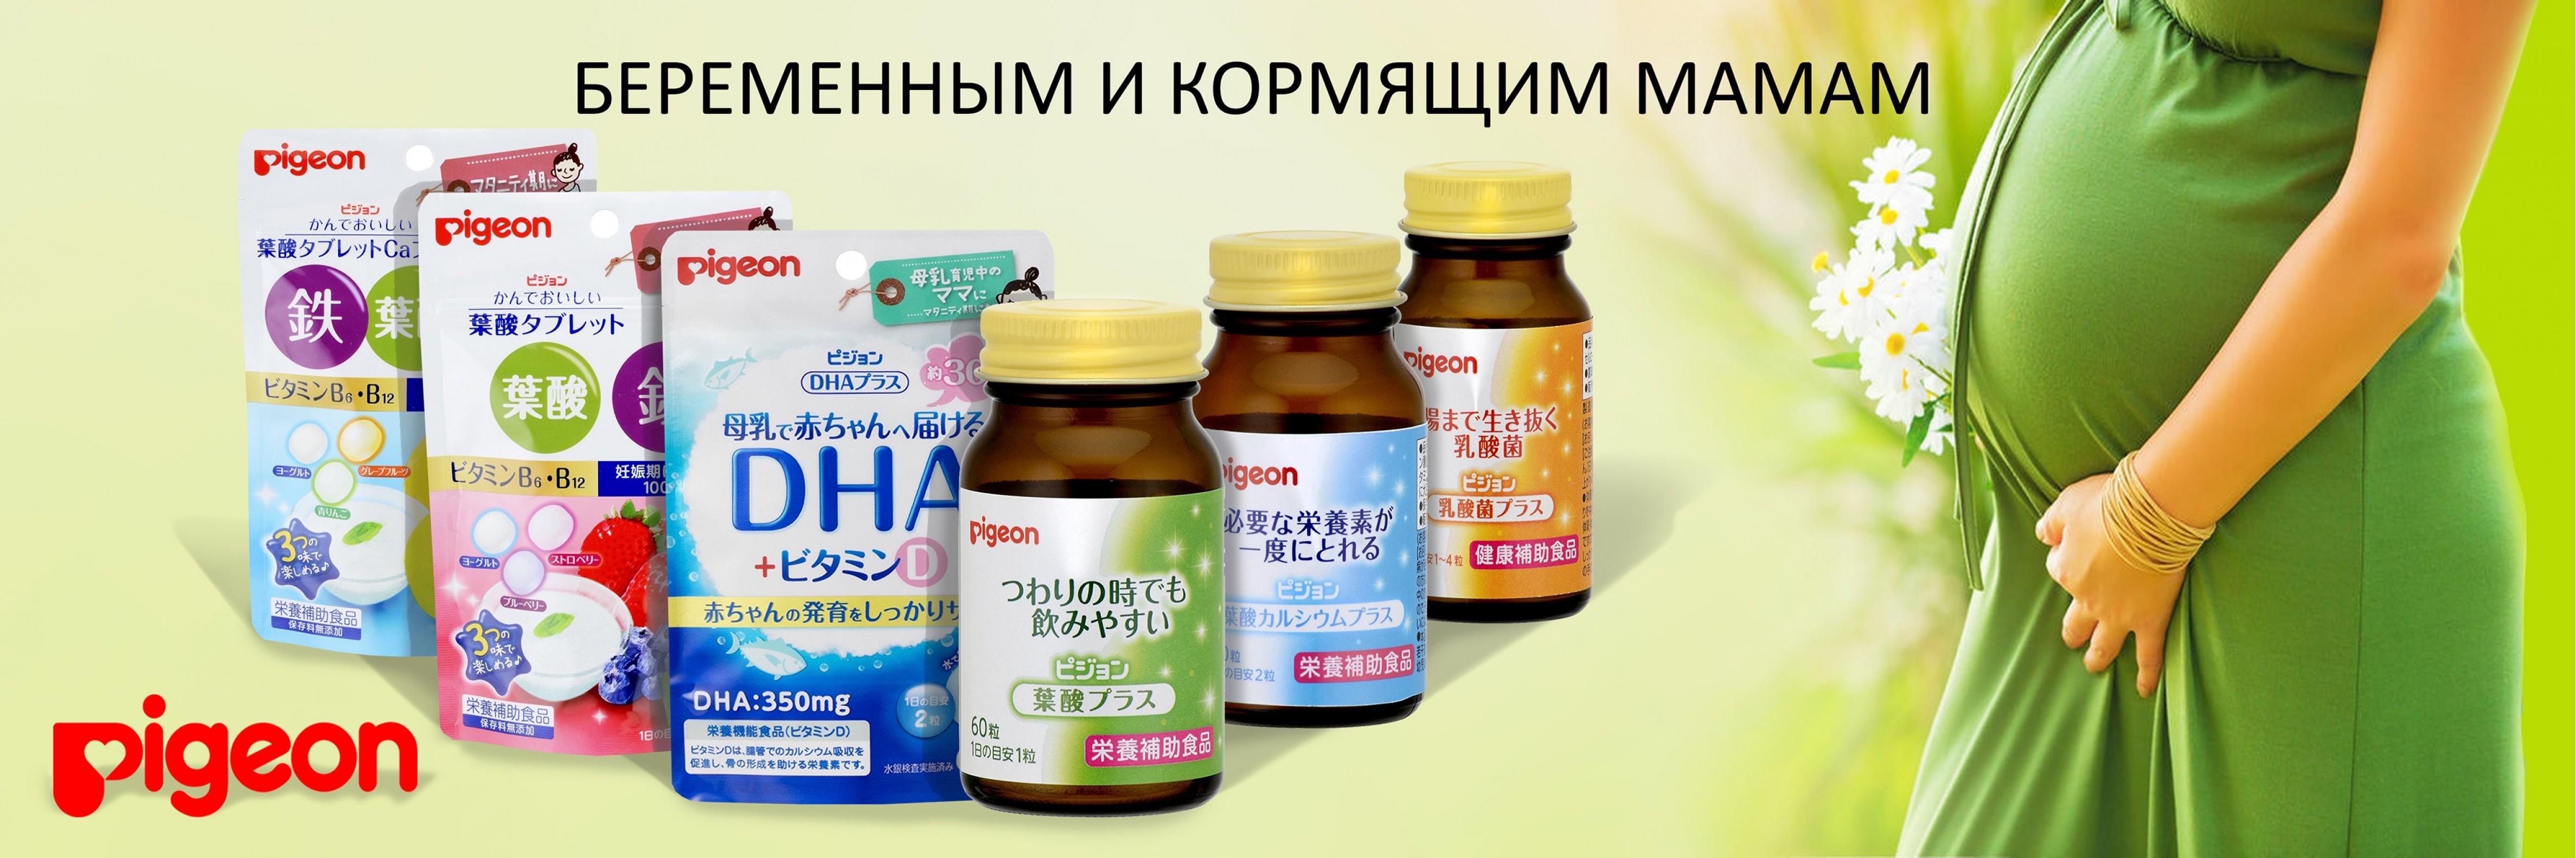 Японские витамины для беременных и кормящих мам